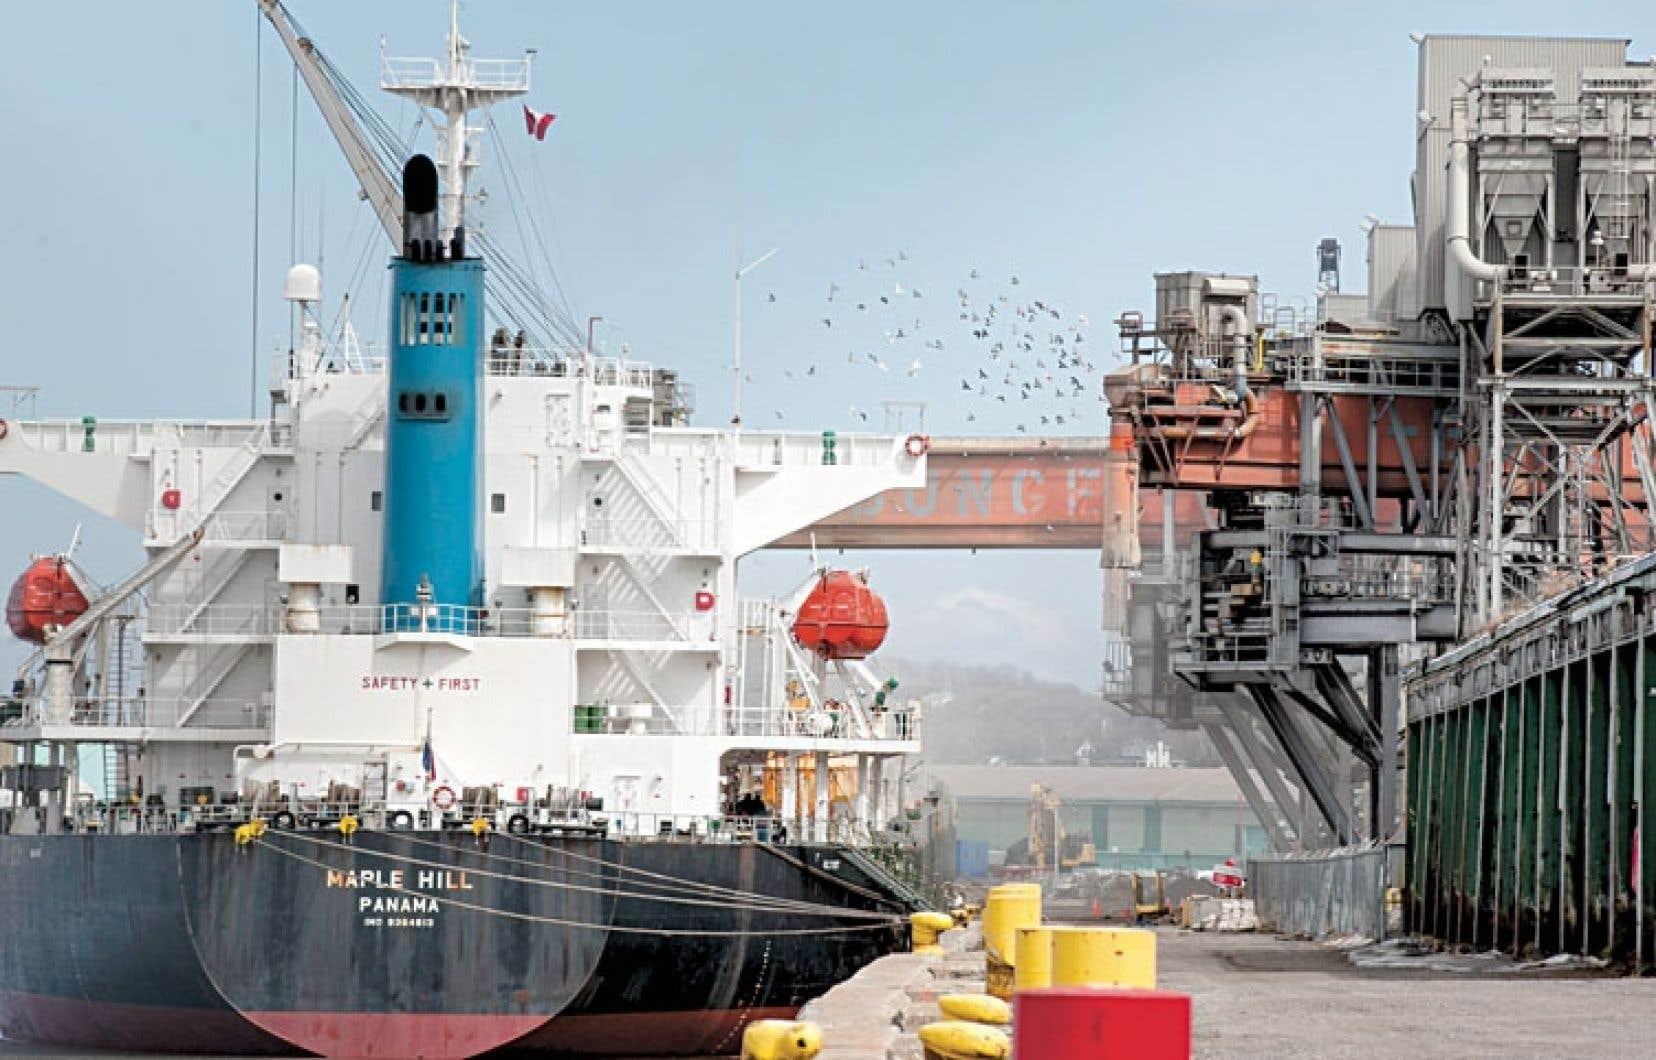 En avril 2013, le ministère de l'Environnement a déterminé que les concentrations de nickel inhabituellement élevées provenaient du port de Québec.